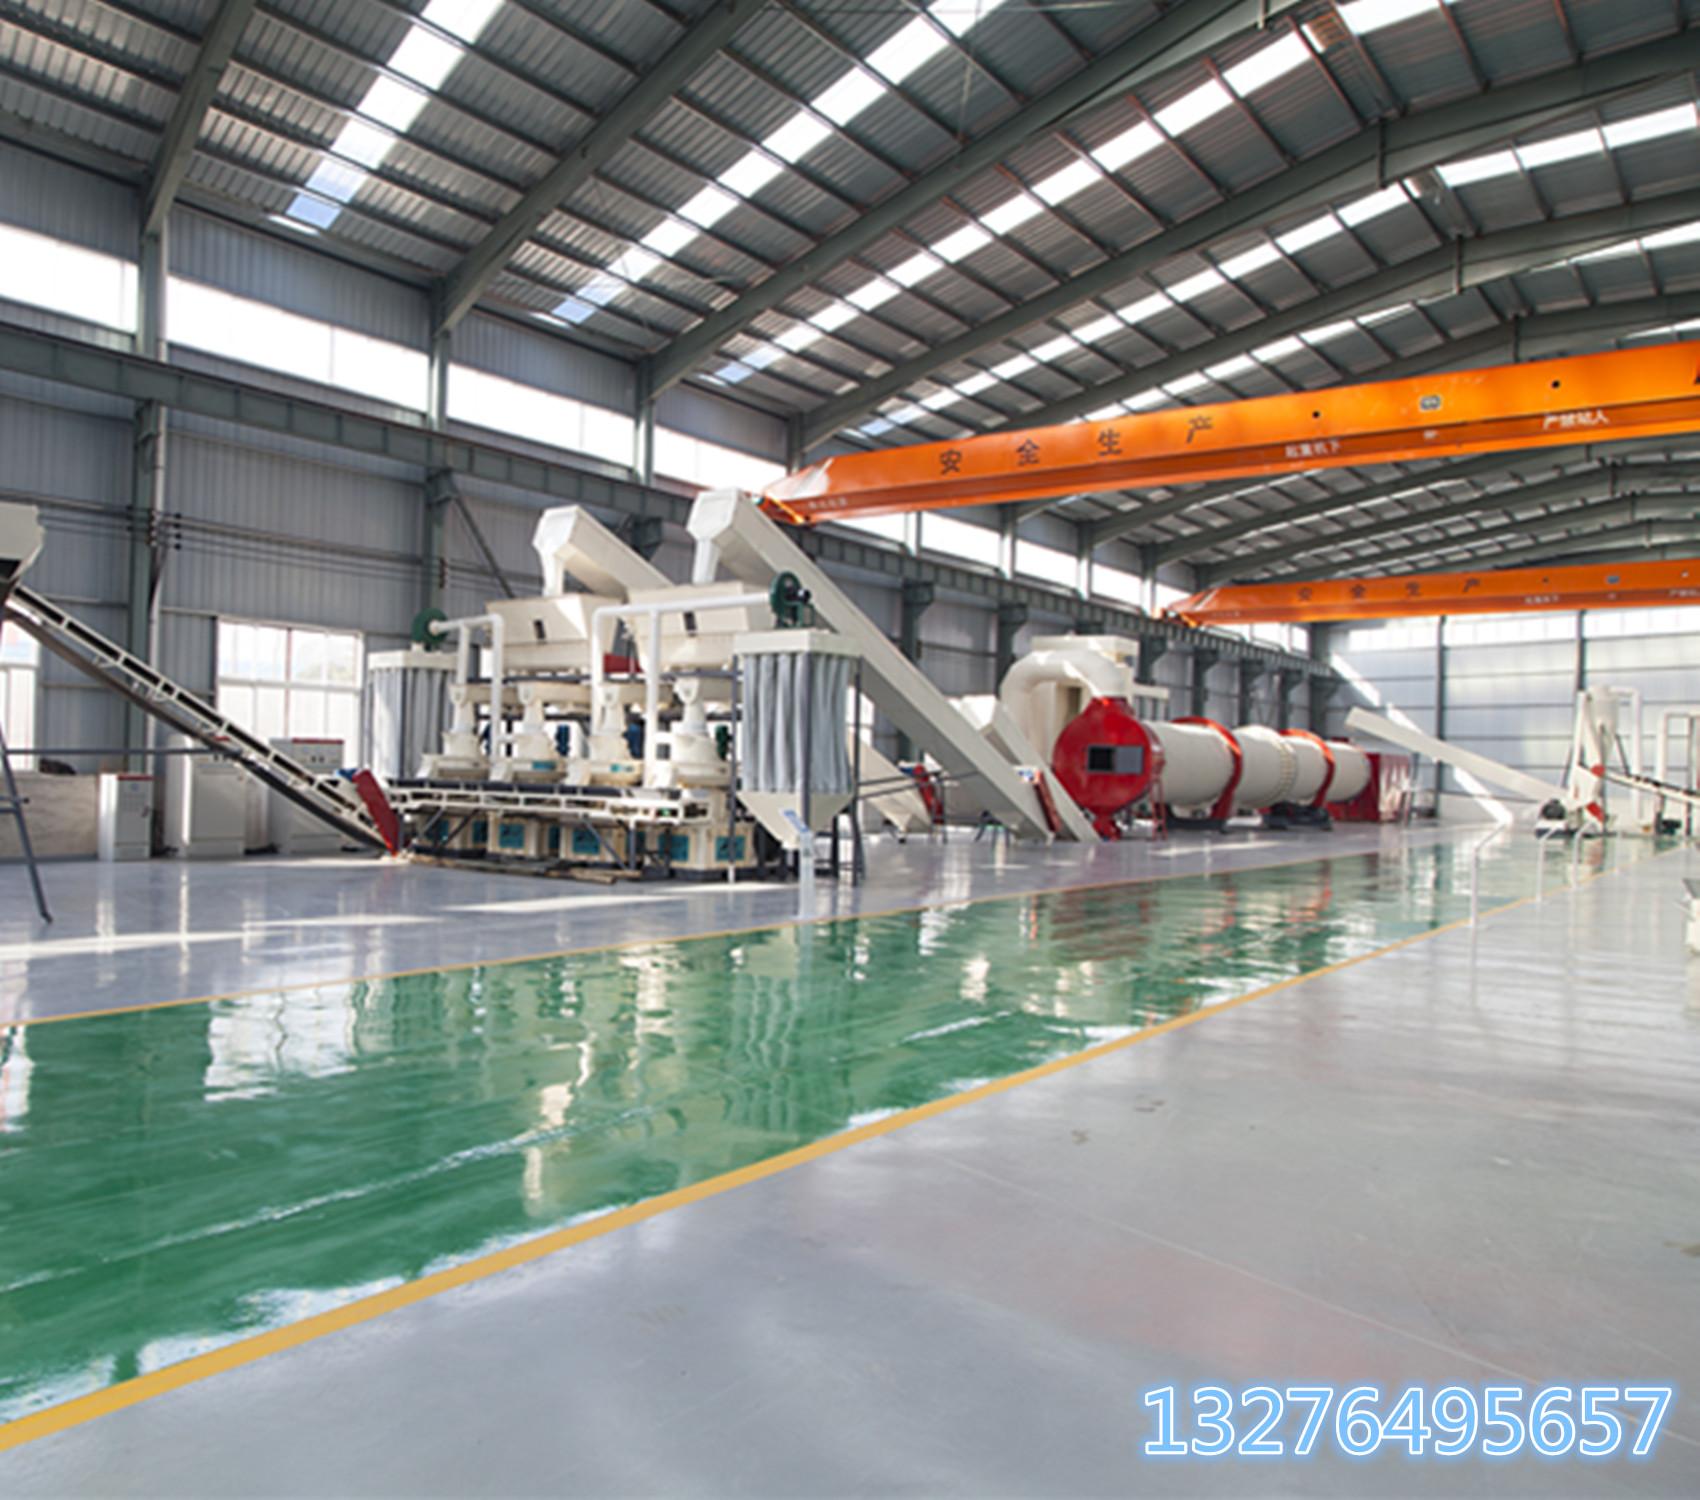 环保能源设备ZLG560生物质颗粒机厂家直供可分期付款